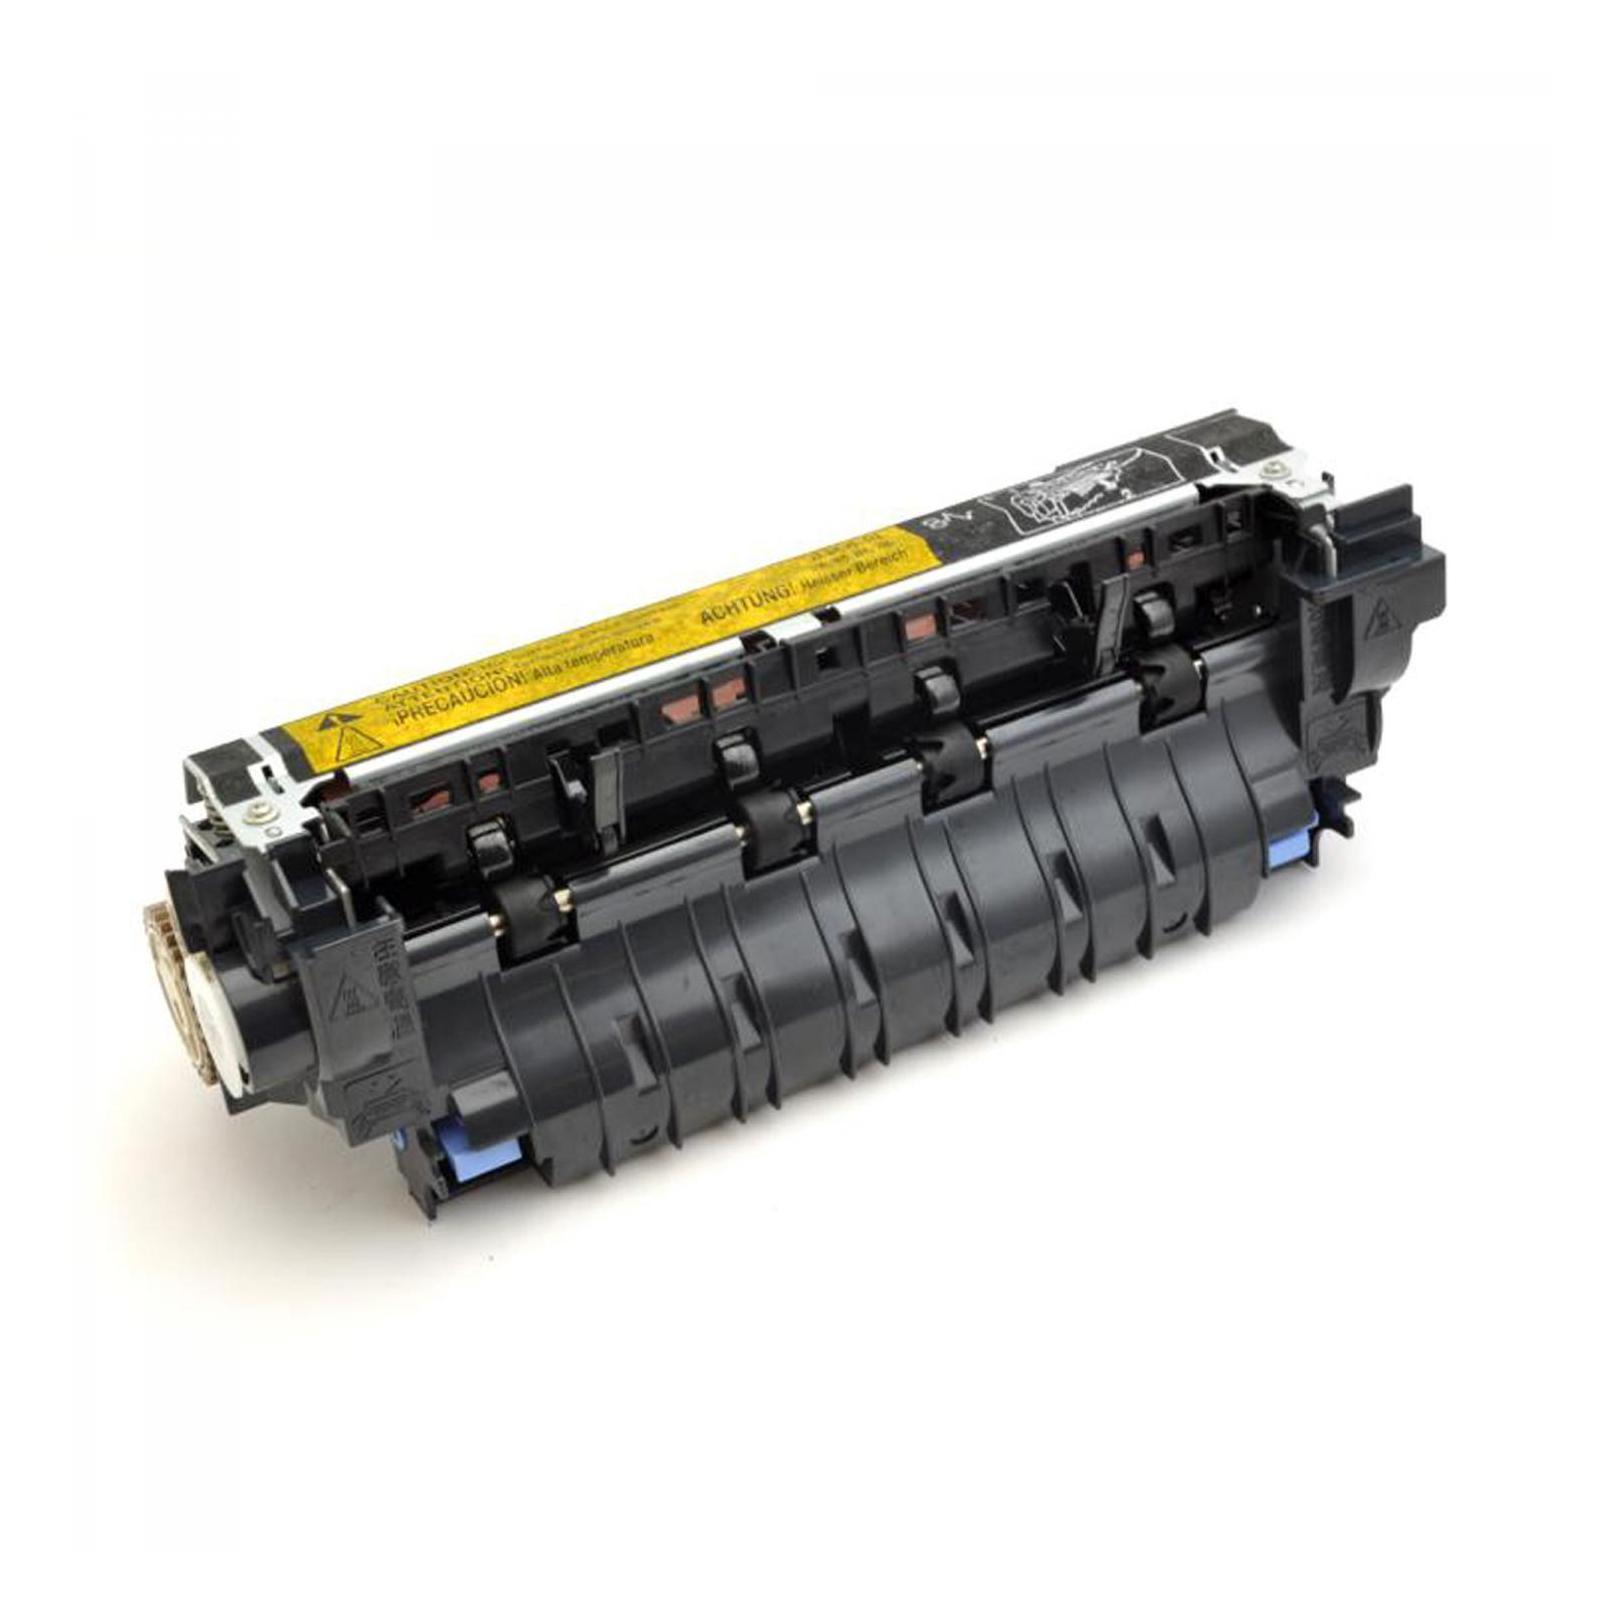 Узел закрепления изображения HP LJ P4014/4015/4515 CET5958 (RM1-4579) CET (CET5958)